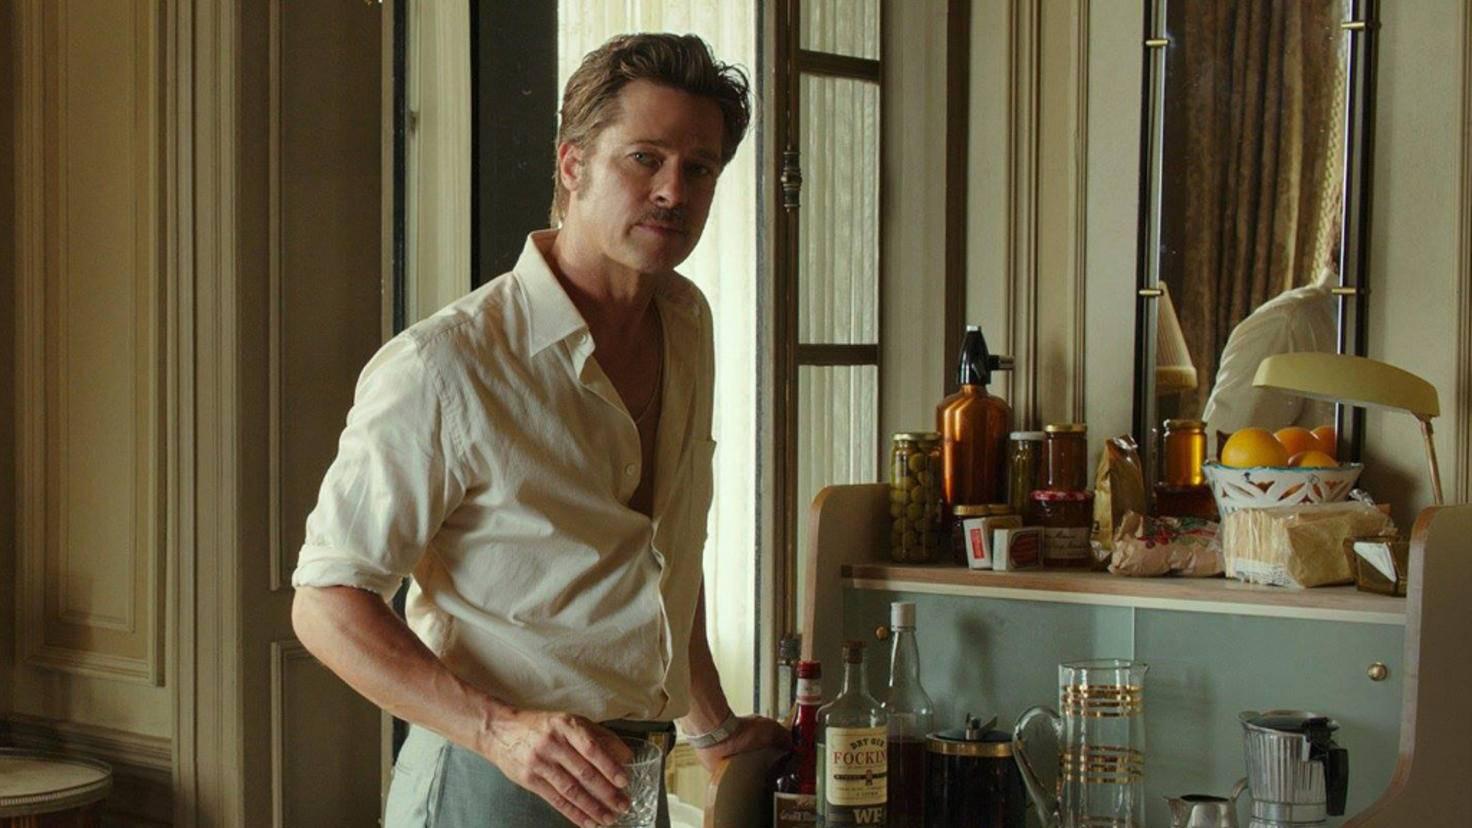 Sollte Brad Pitt irgendwann doch keine Lust mehr auf Hollywood haben, kann er sich voll und ganz der Architektur verschreiben.